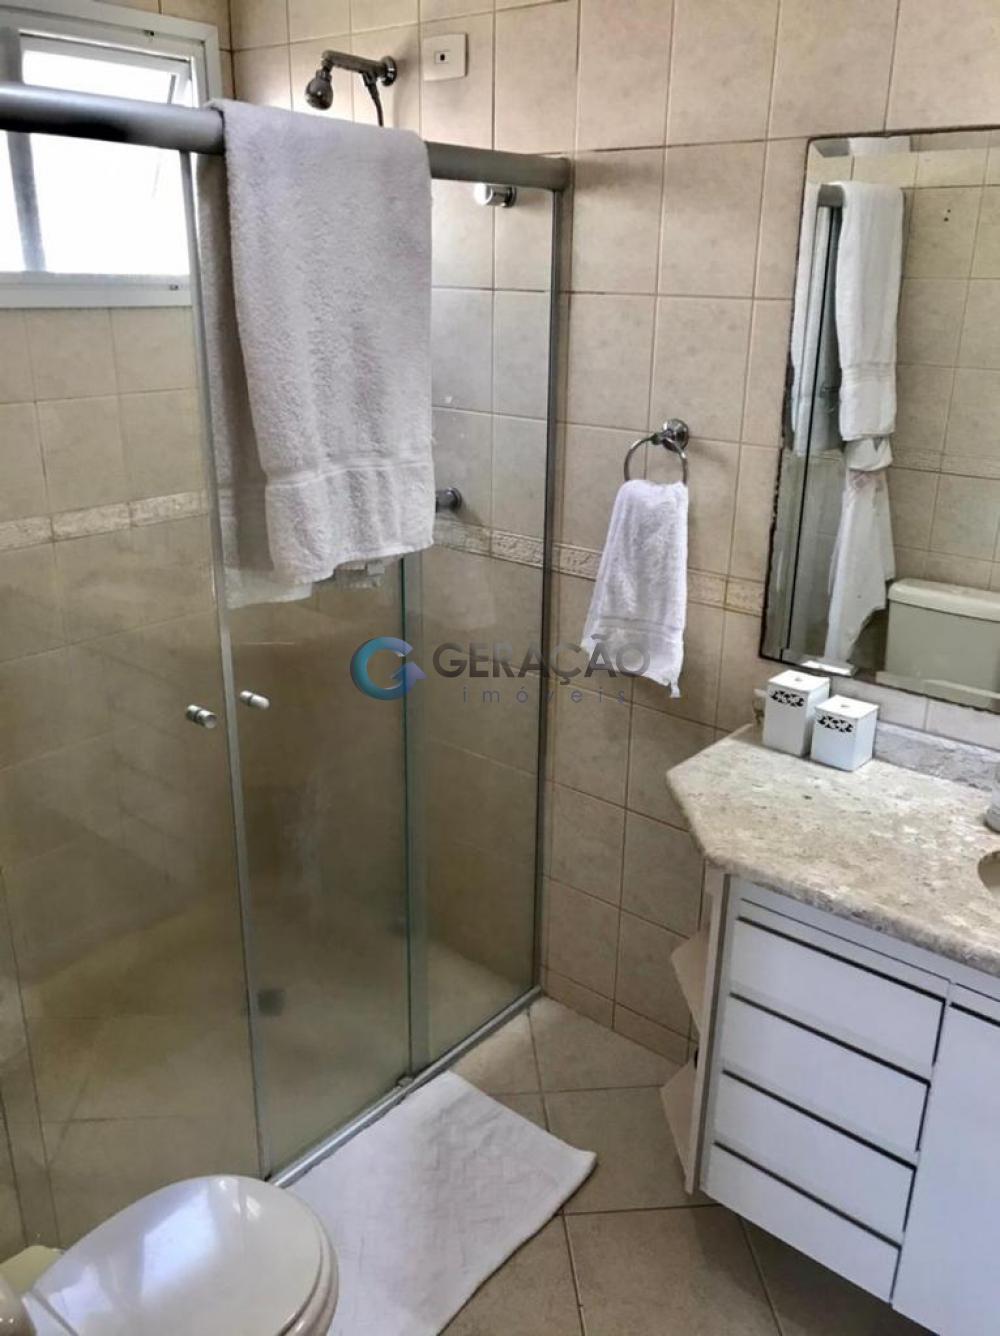 Alugar Apartamento / Padrão em São José dos Campos apenas R$ 5.000,00 - Foto 30